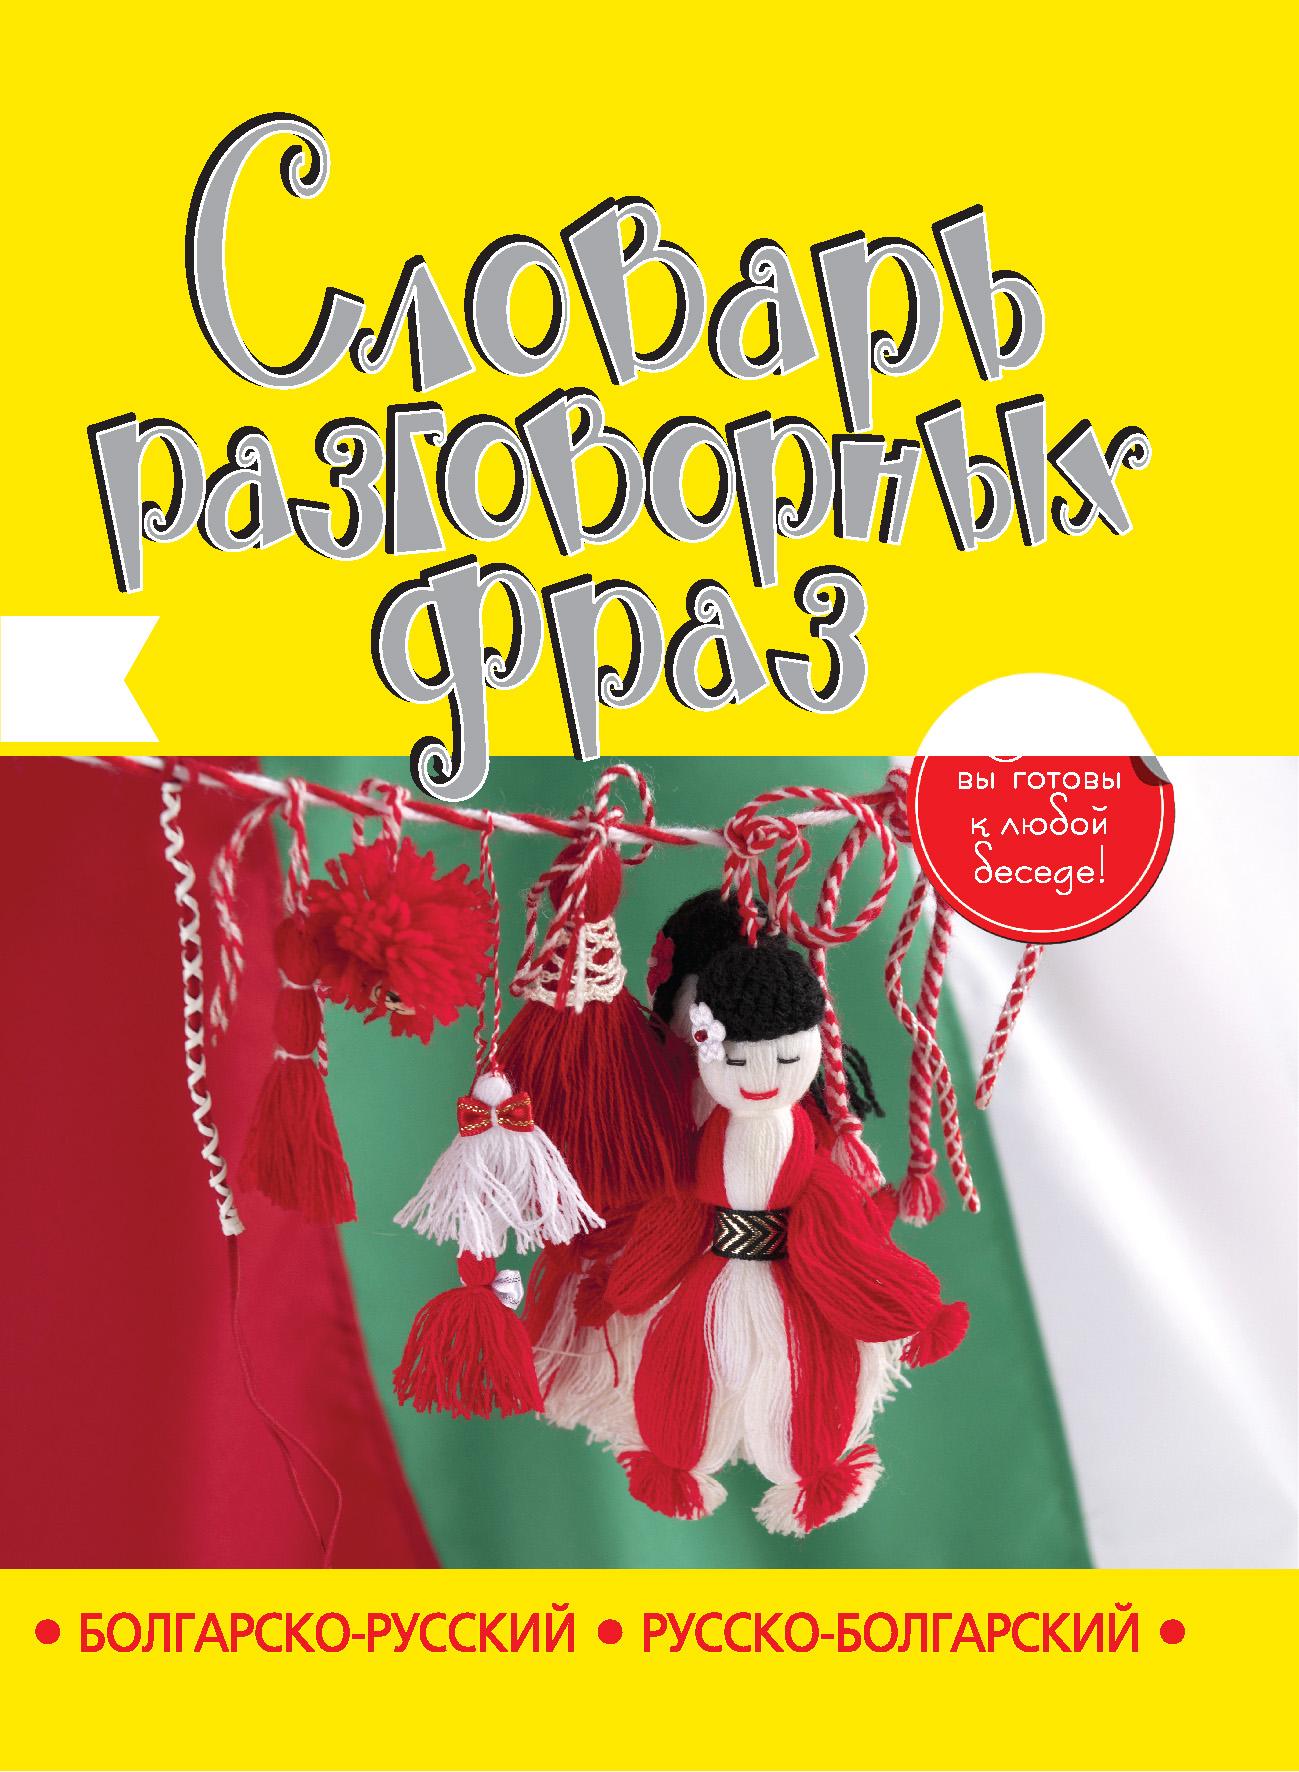 Болгарско-русский, русско-болгарский словарь разговорных фраз